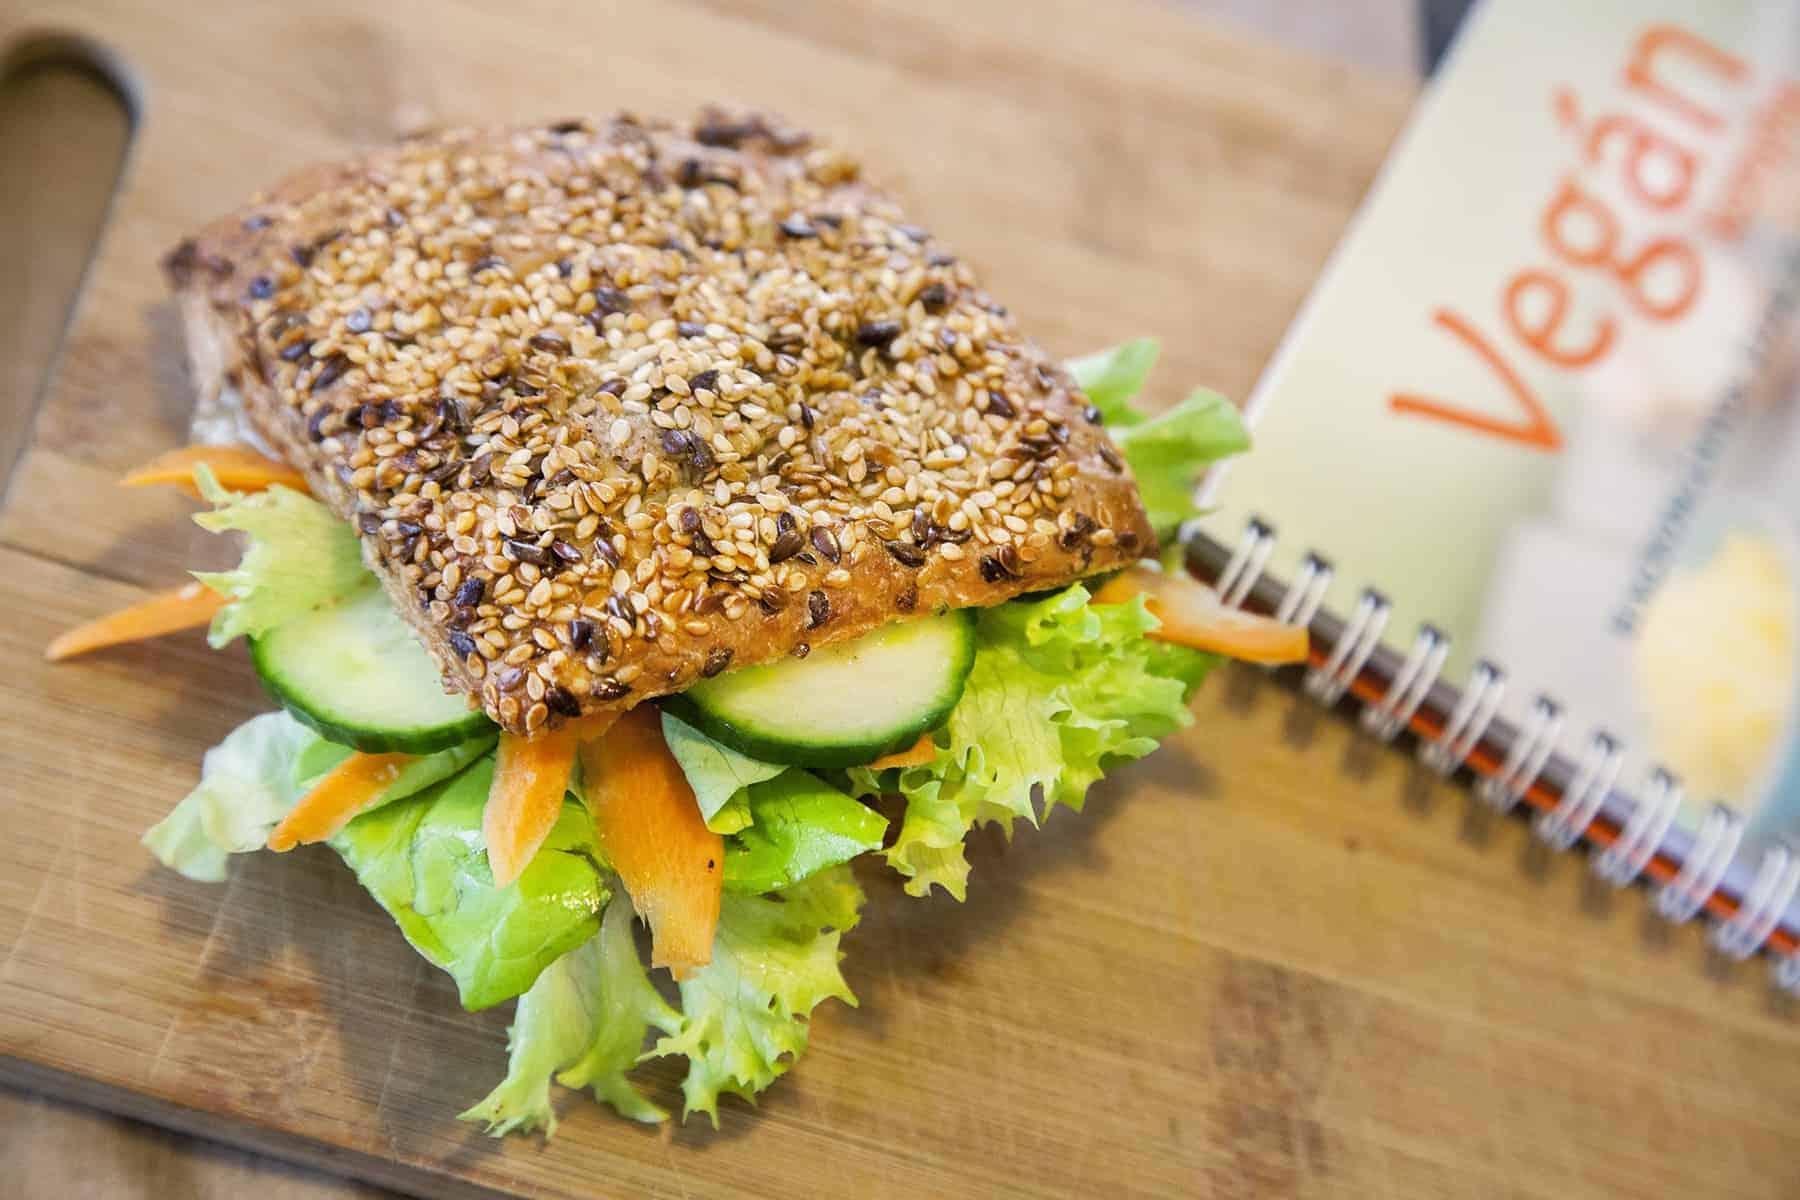 vegan-pecsenyezsiros-szendvics-könyvvel-napfenyes-cukraszat